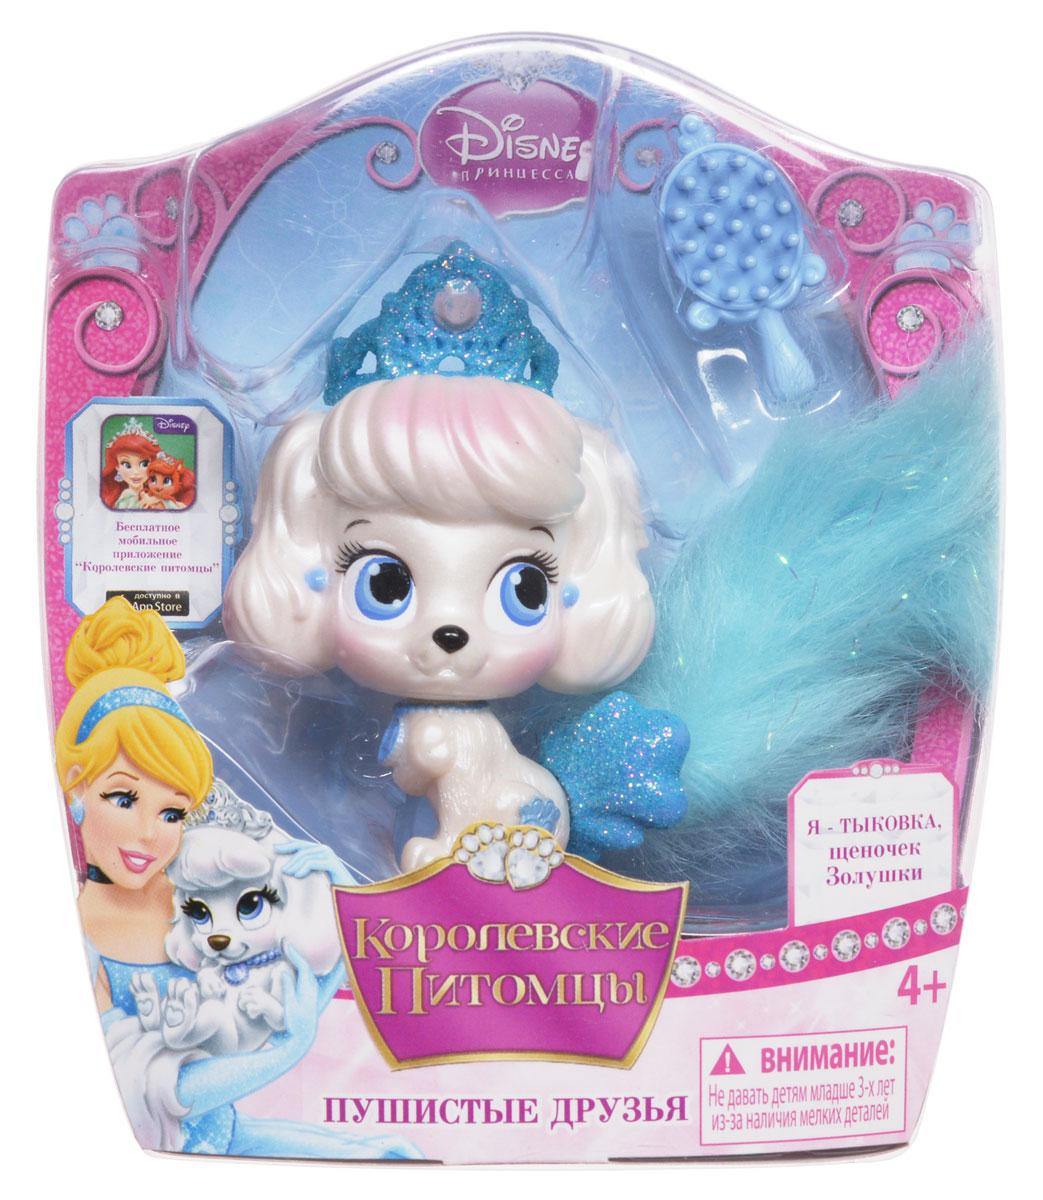 Категория на маркете: детские товары/детские игрушки и игровые комплексы/развивающие игры и игрушки